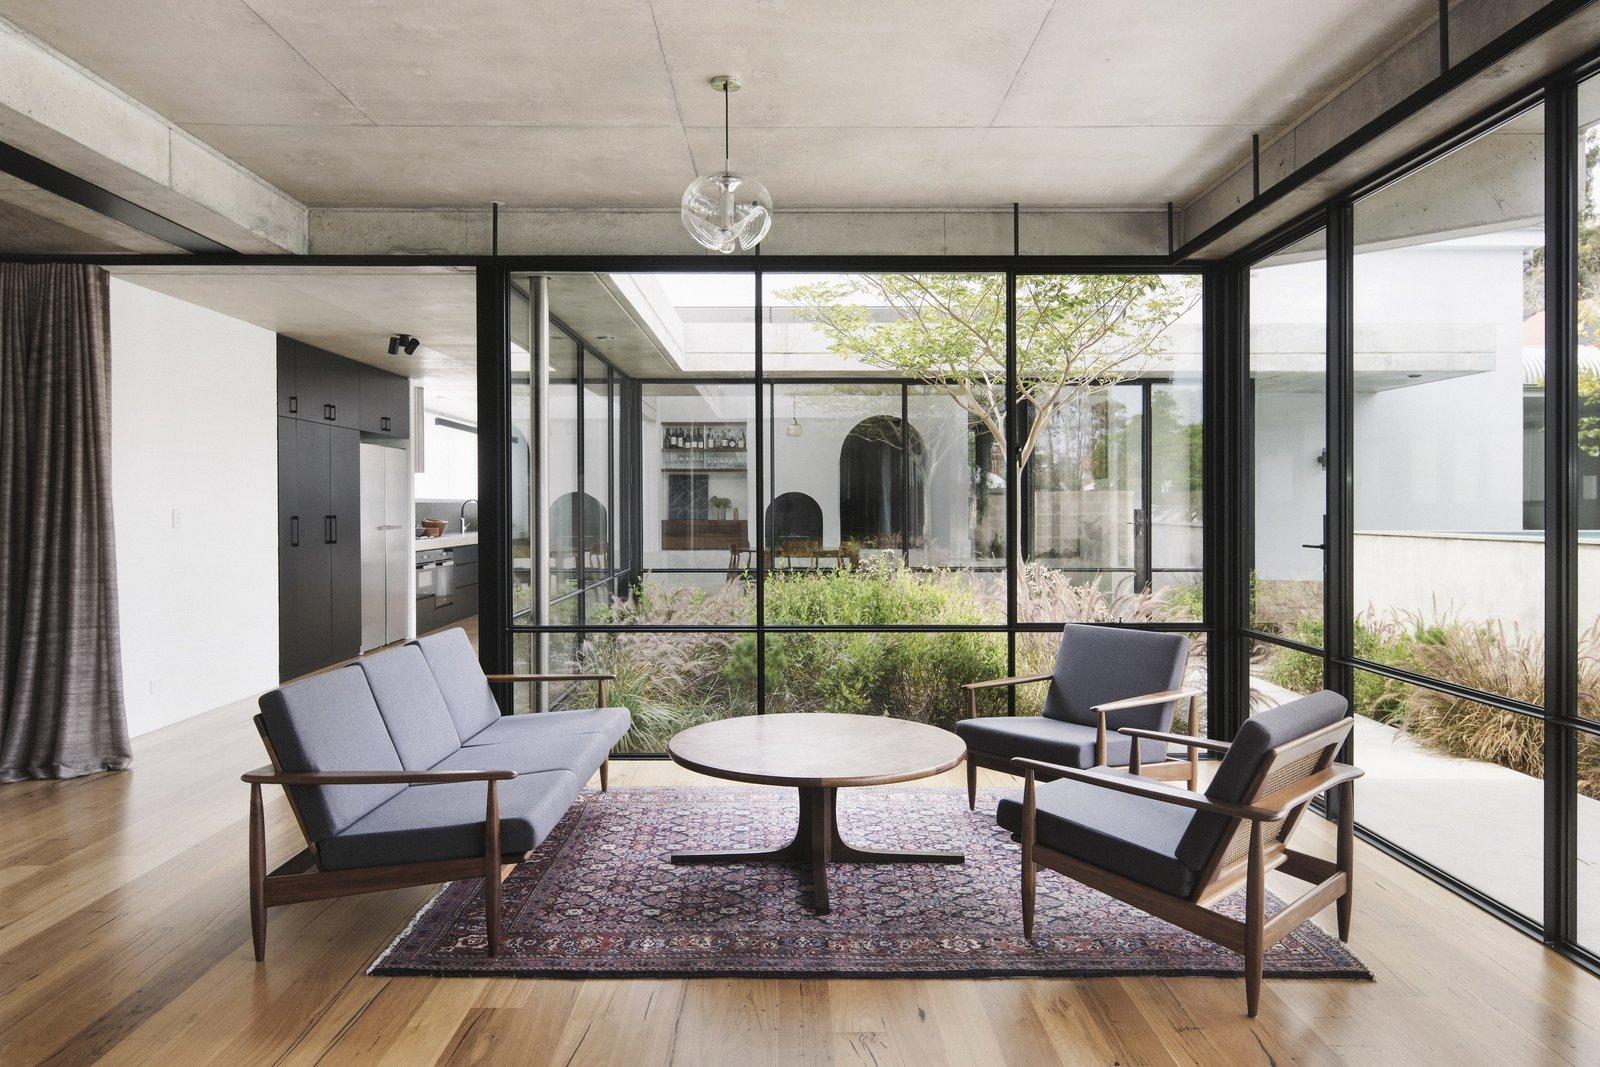 Styl modernistyczny we wnętrzach